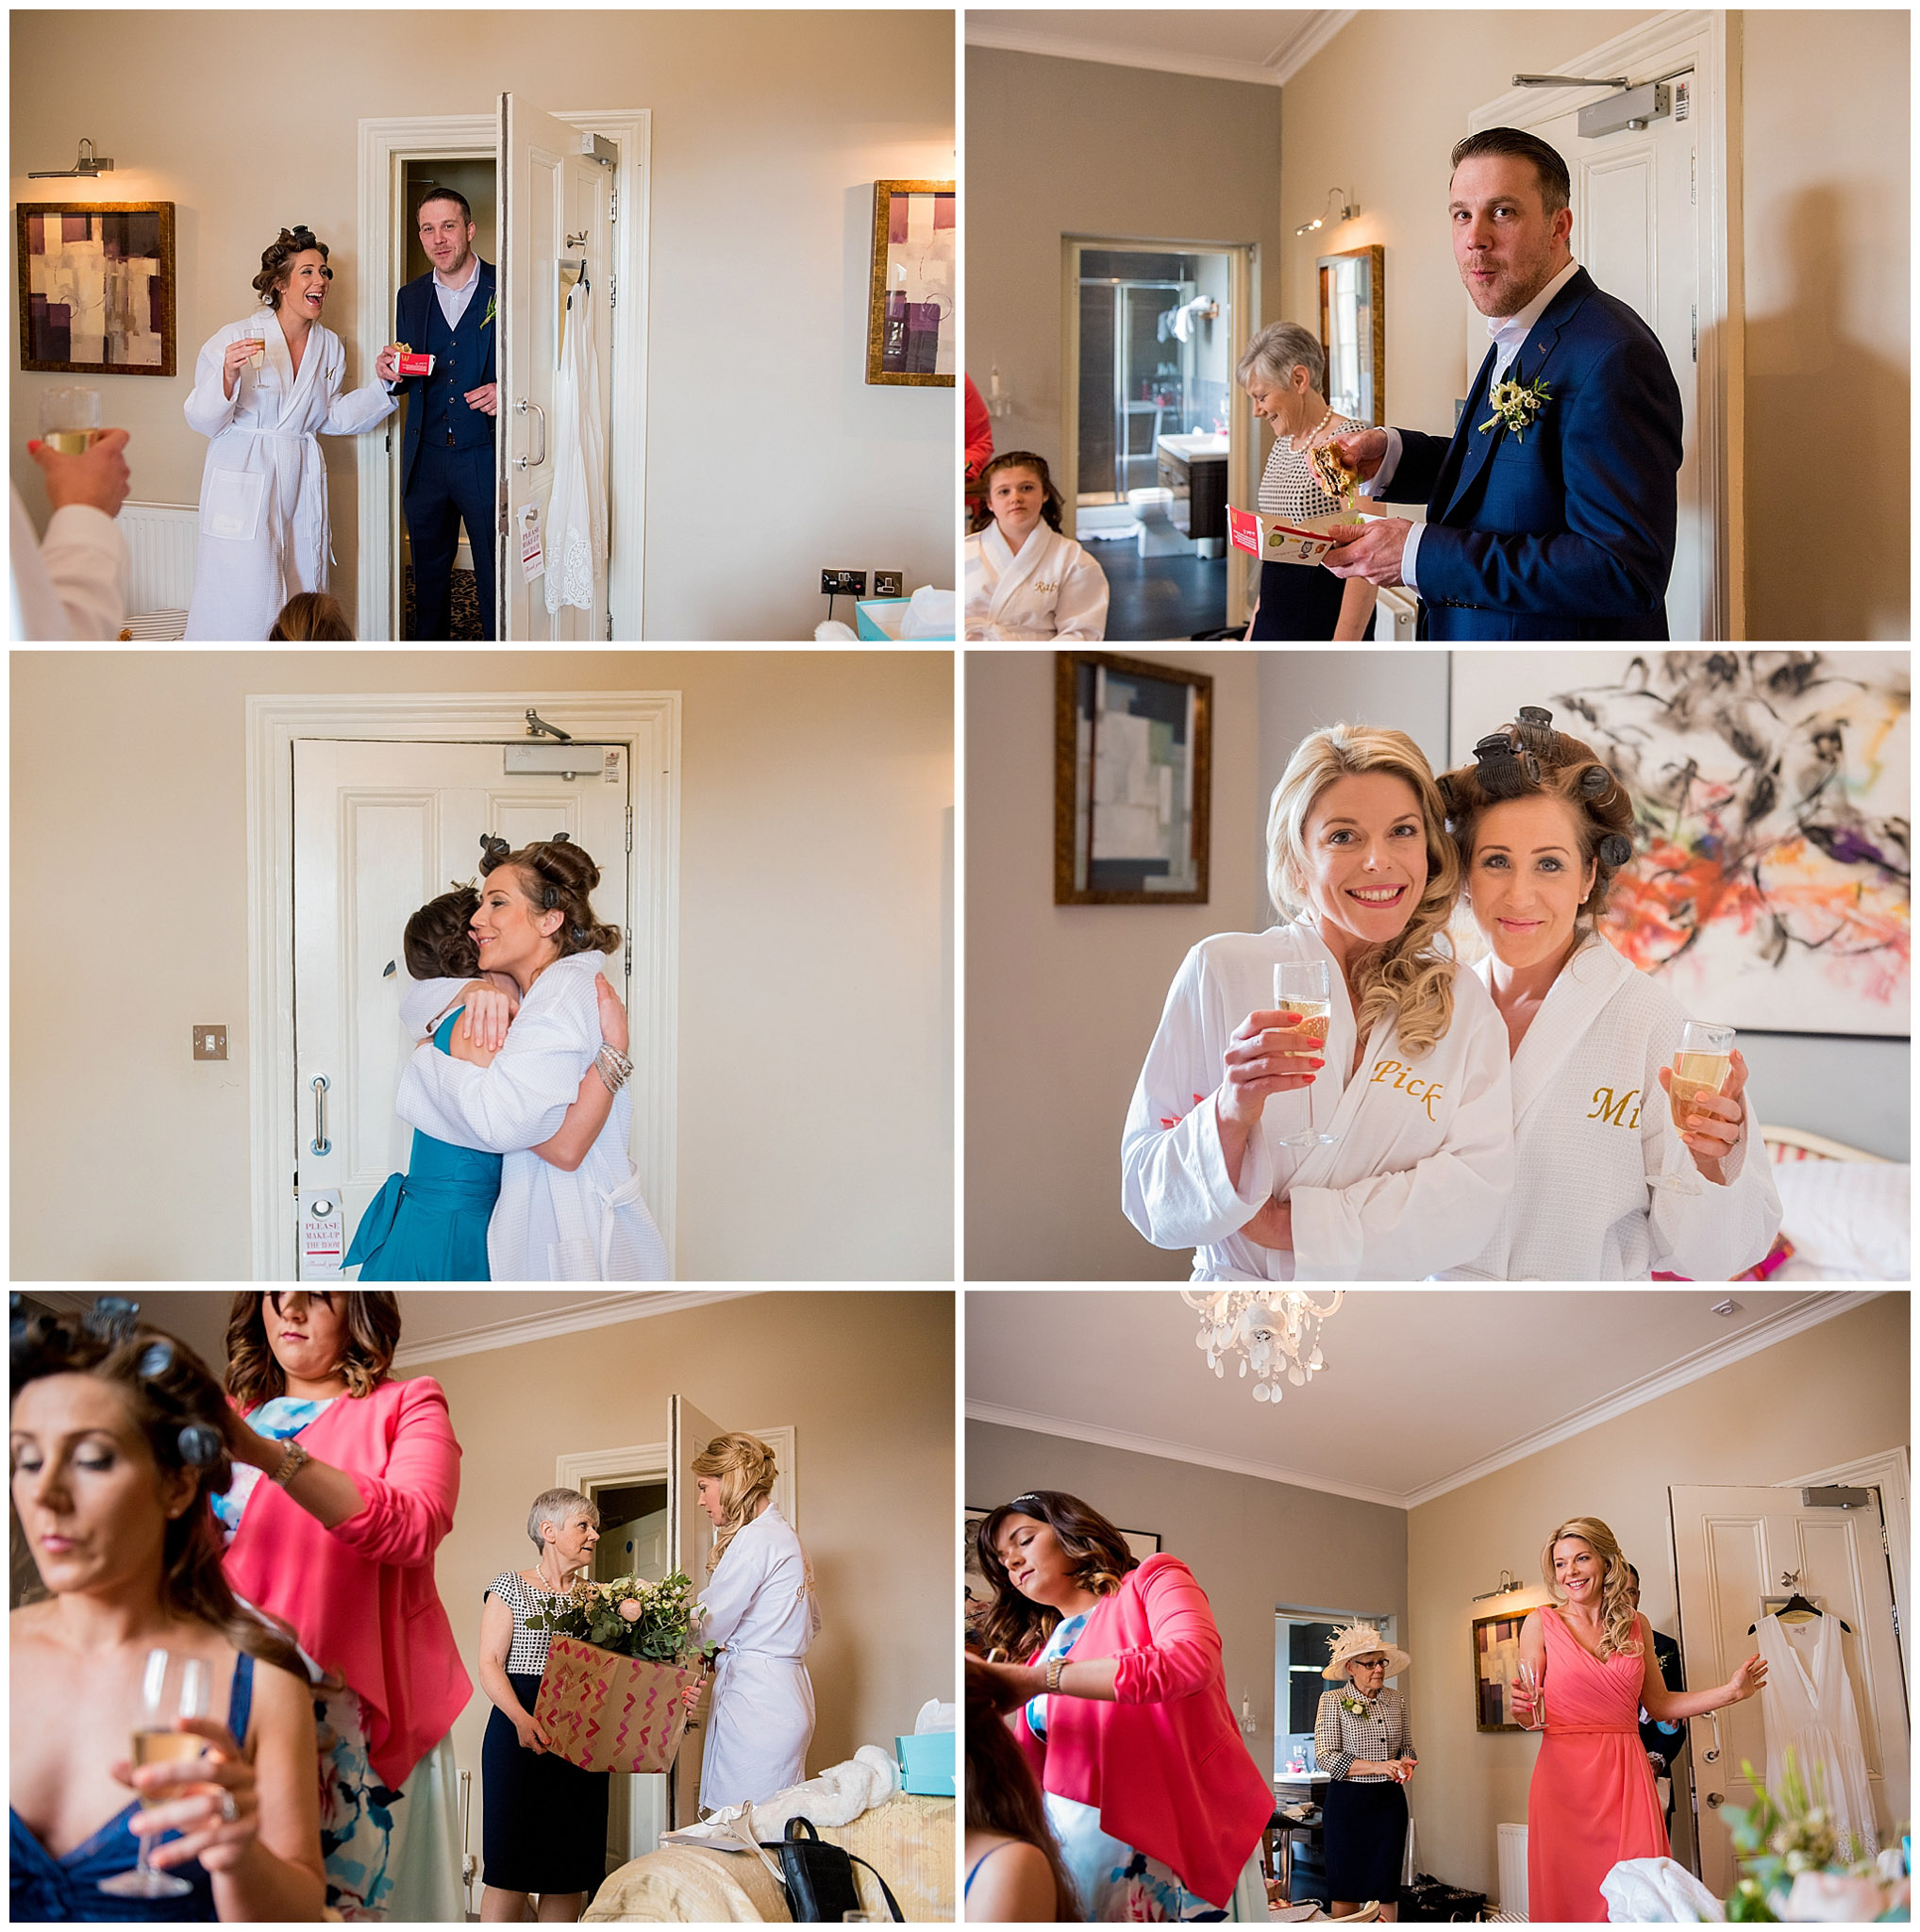 Katie-&-Steve-Victoria-Park-Methodist-Chruch-Winton-&-The-Manor-Burton-Christchurch-Wedding-7